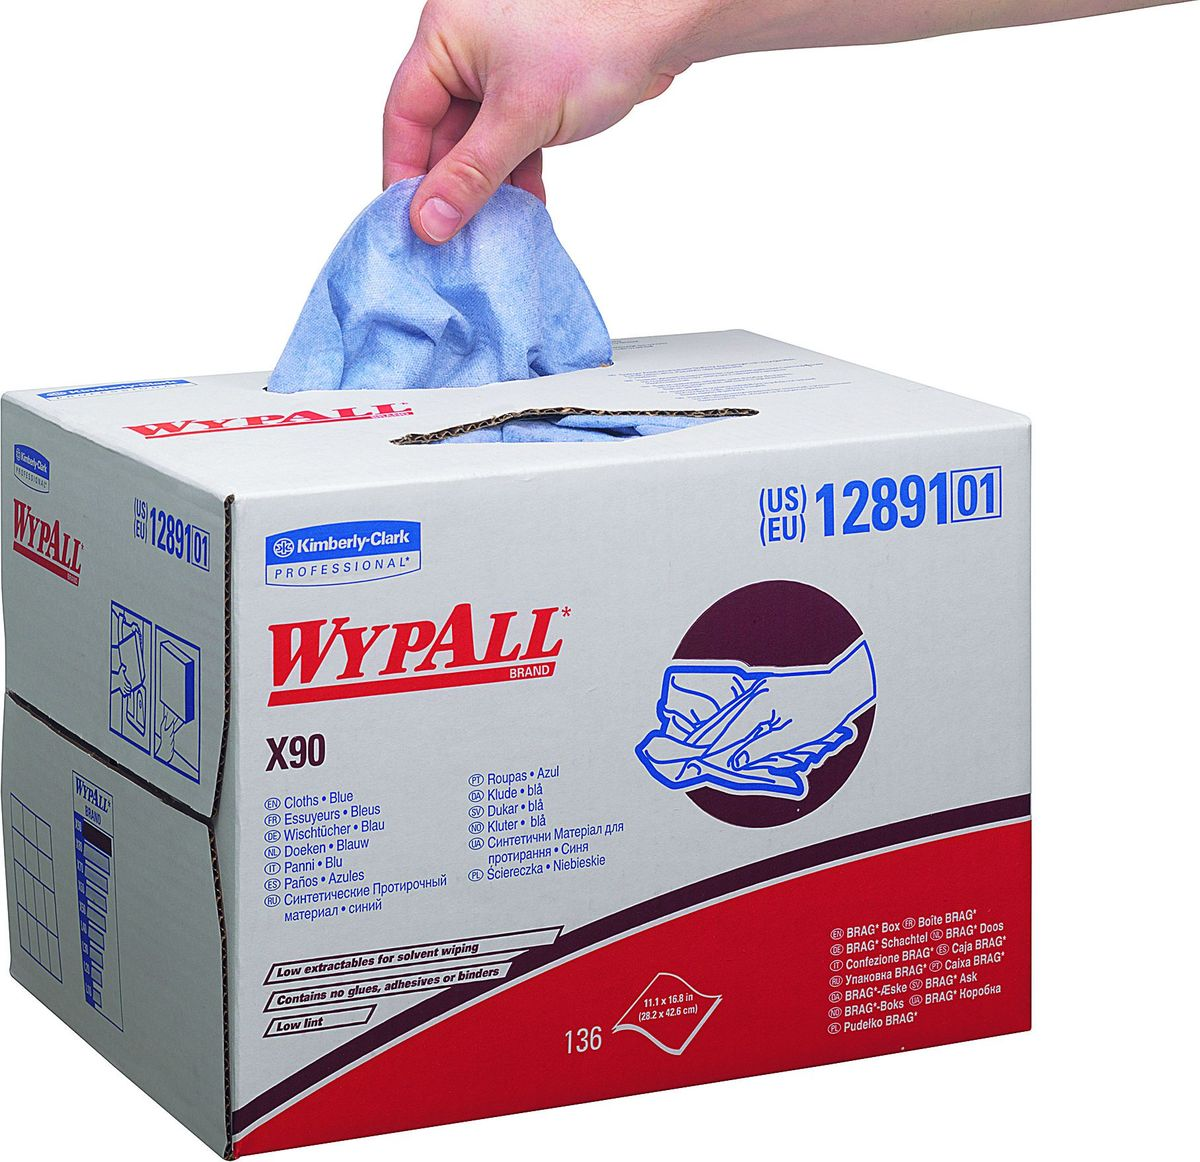 Салфетки бумажные Wypall Х90, 152 шт. 12891787502Бумажные салфетки Wypall Х90, изготовленные из целлюлозы и синтетики, обладают отличной впитывающей способностью, долговечностью и прочностью, как в сухом, так и во влажном состоянии. Салфетки могут использоваться с большинством растворителей, обеспечивают быструю очистку и помогают сократить расходы. Подходят для работы по очистке от клея, масла, мусора, стекол, а также для прецизионной очистки сложных механизмов и деталей. Салфетки Wypall Х90 могут использоваться с переносными или стационарными диспенсерами для контроля расхода продукта и уменьшения объема отходов.